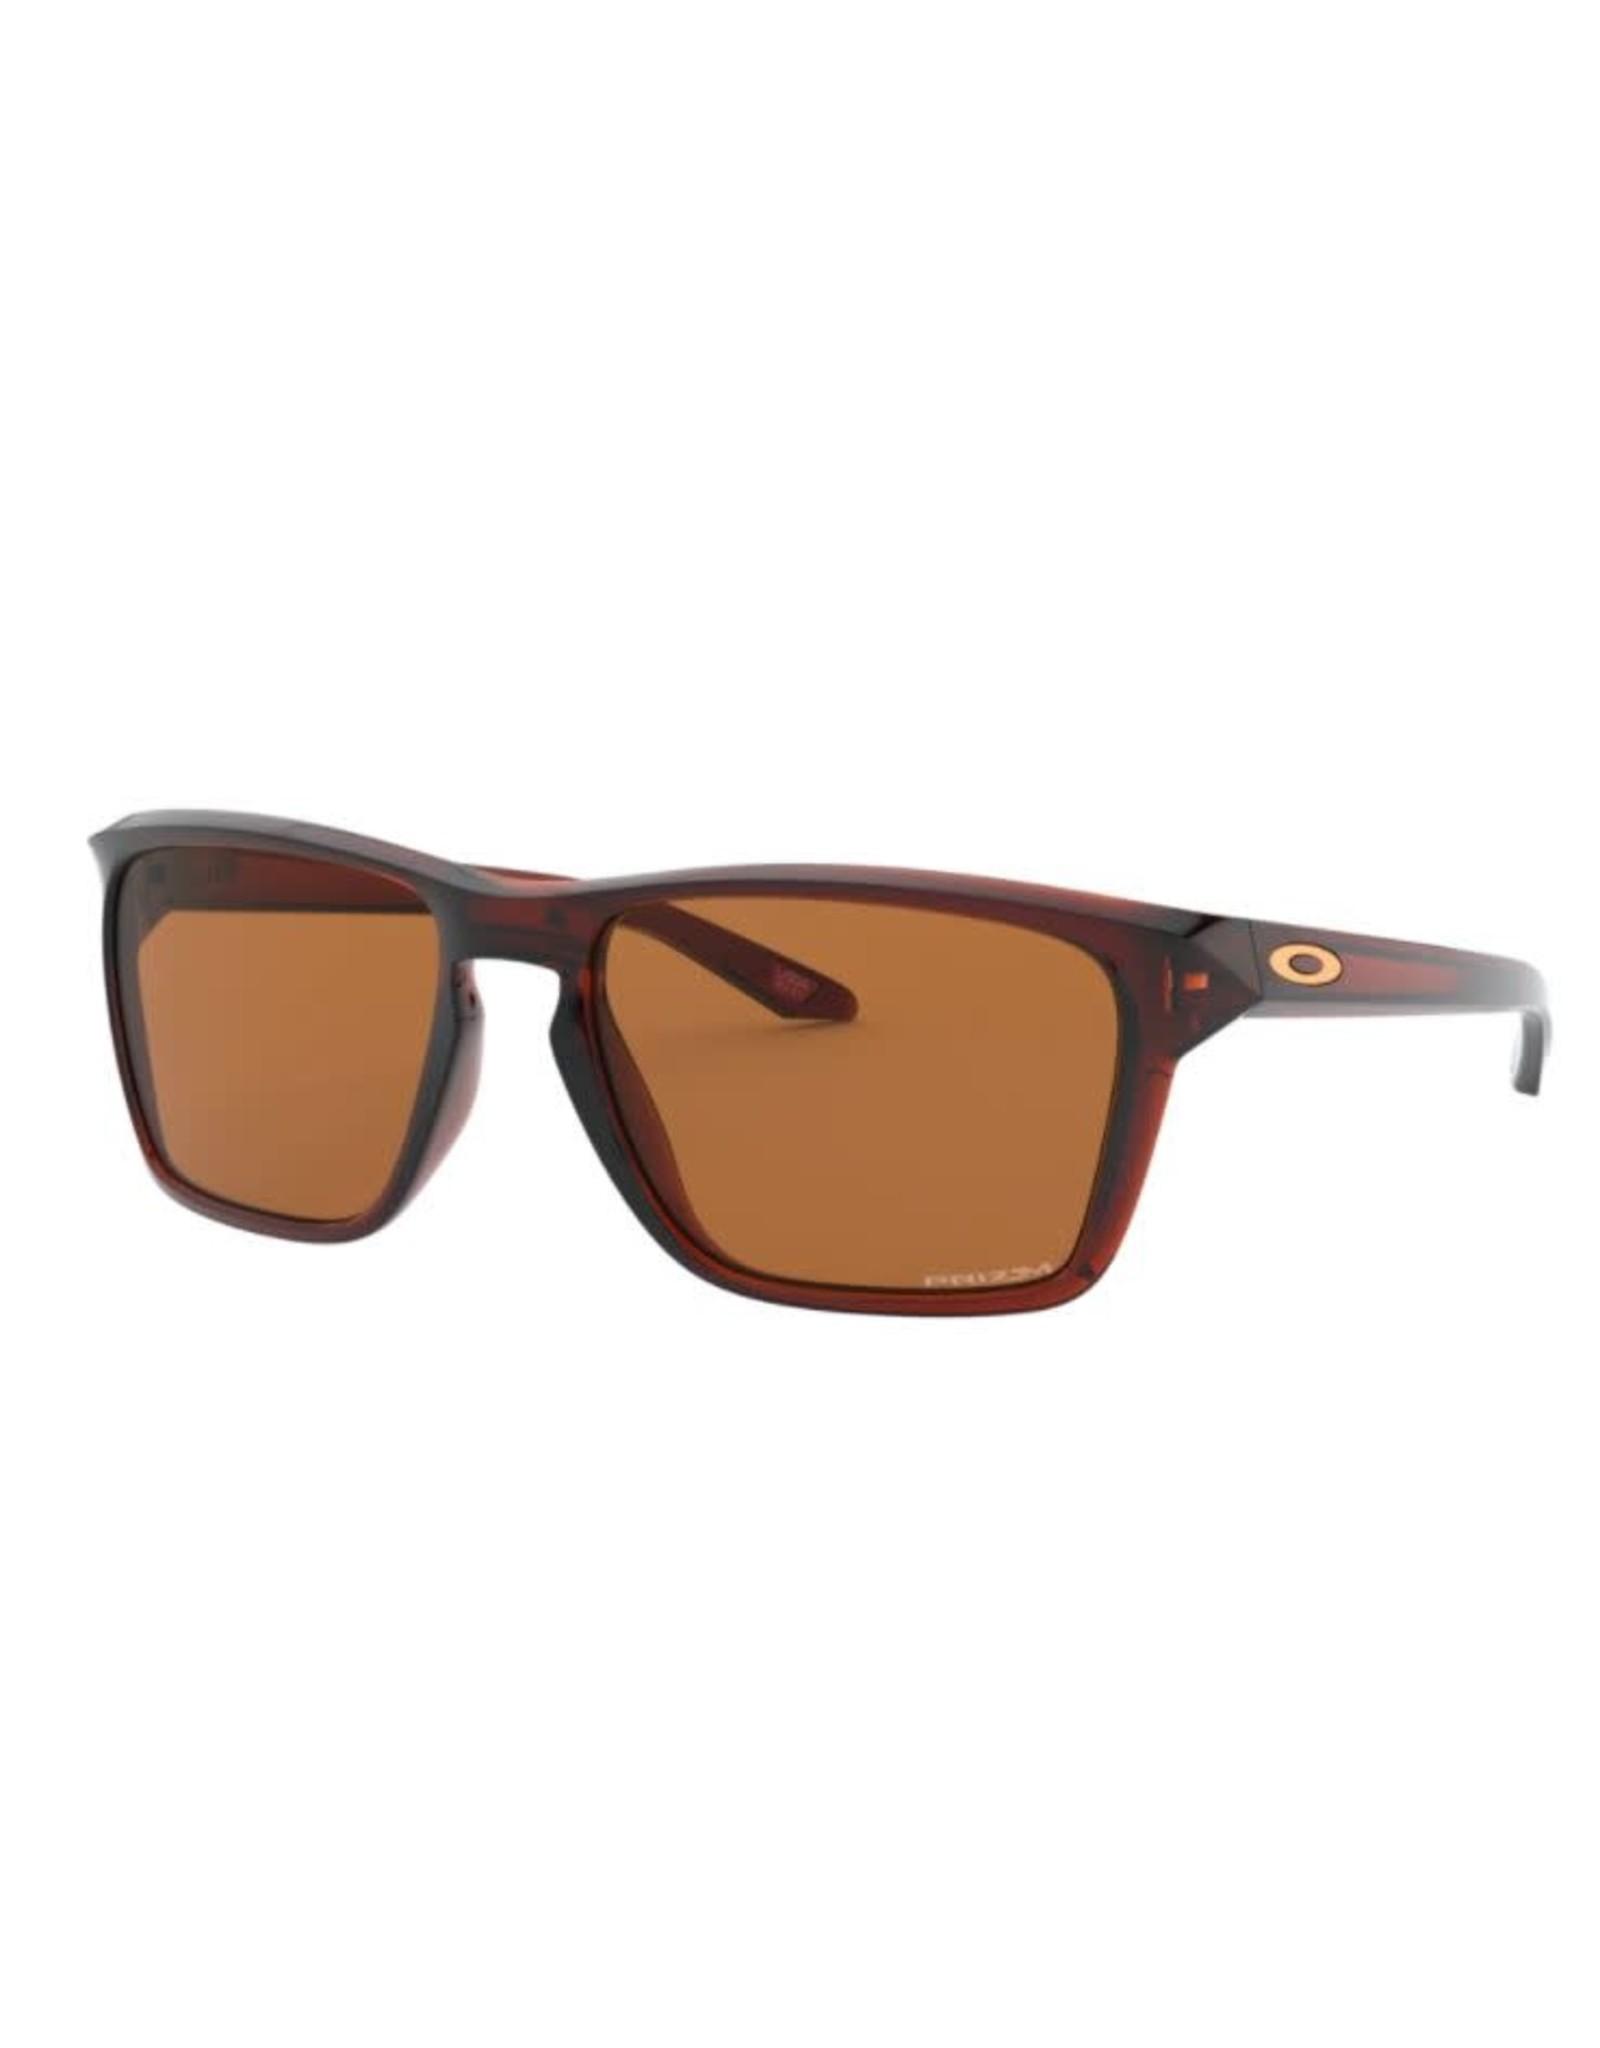 Oakley Oakley - Lunette soleil homme sylas polished rootbeer/lens prizm bronze